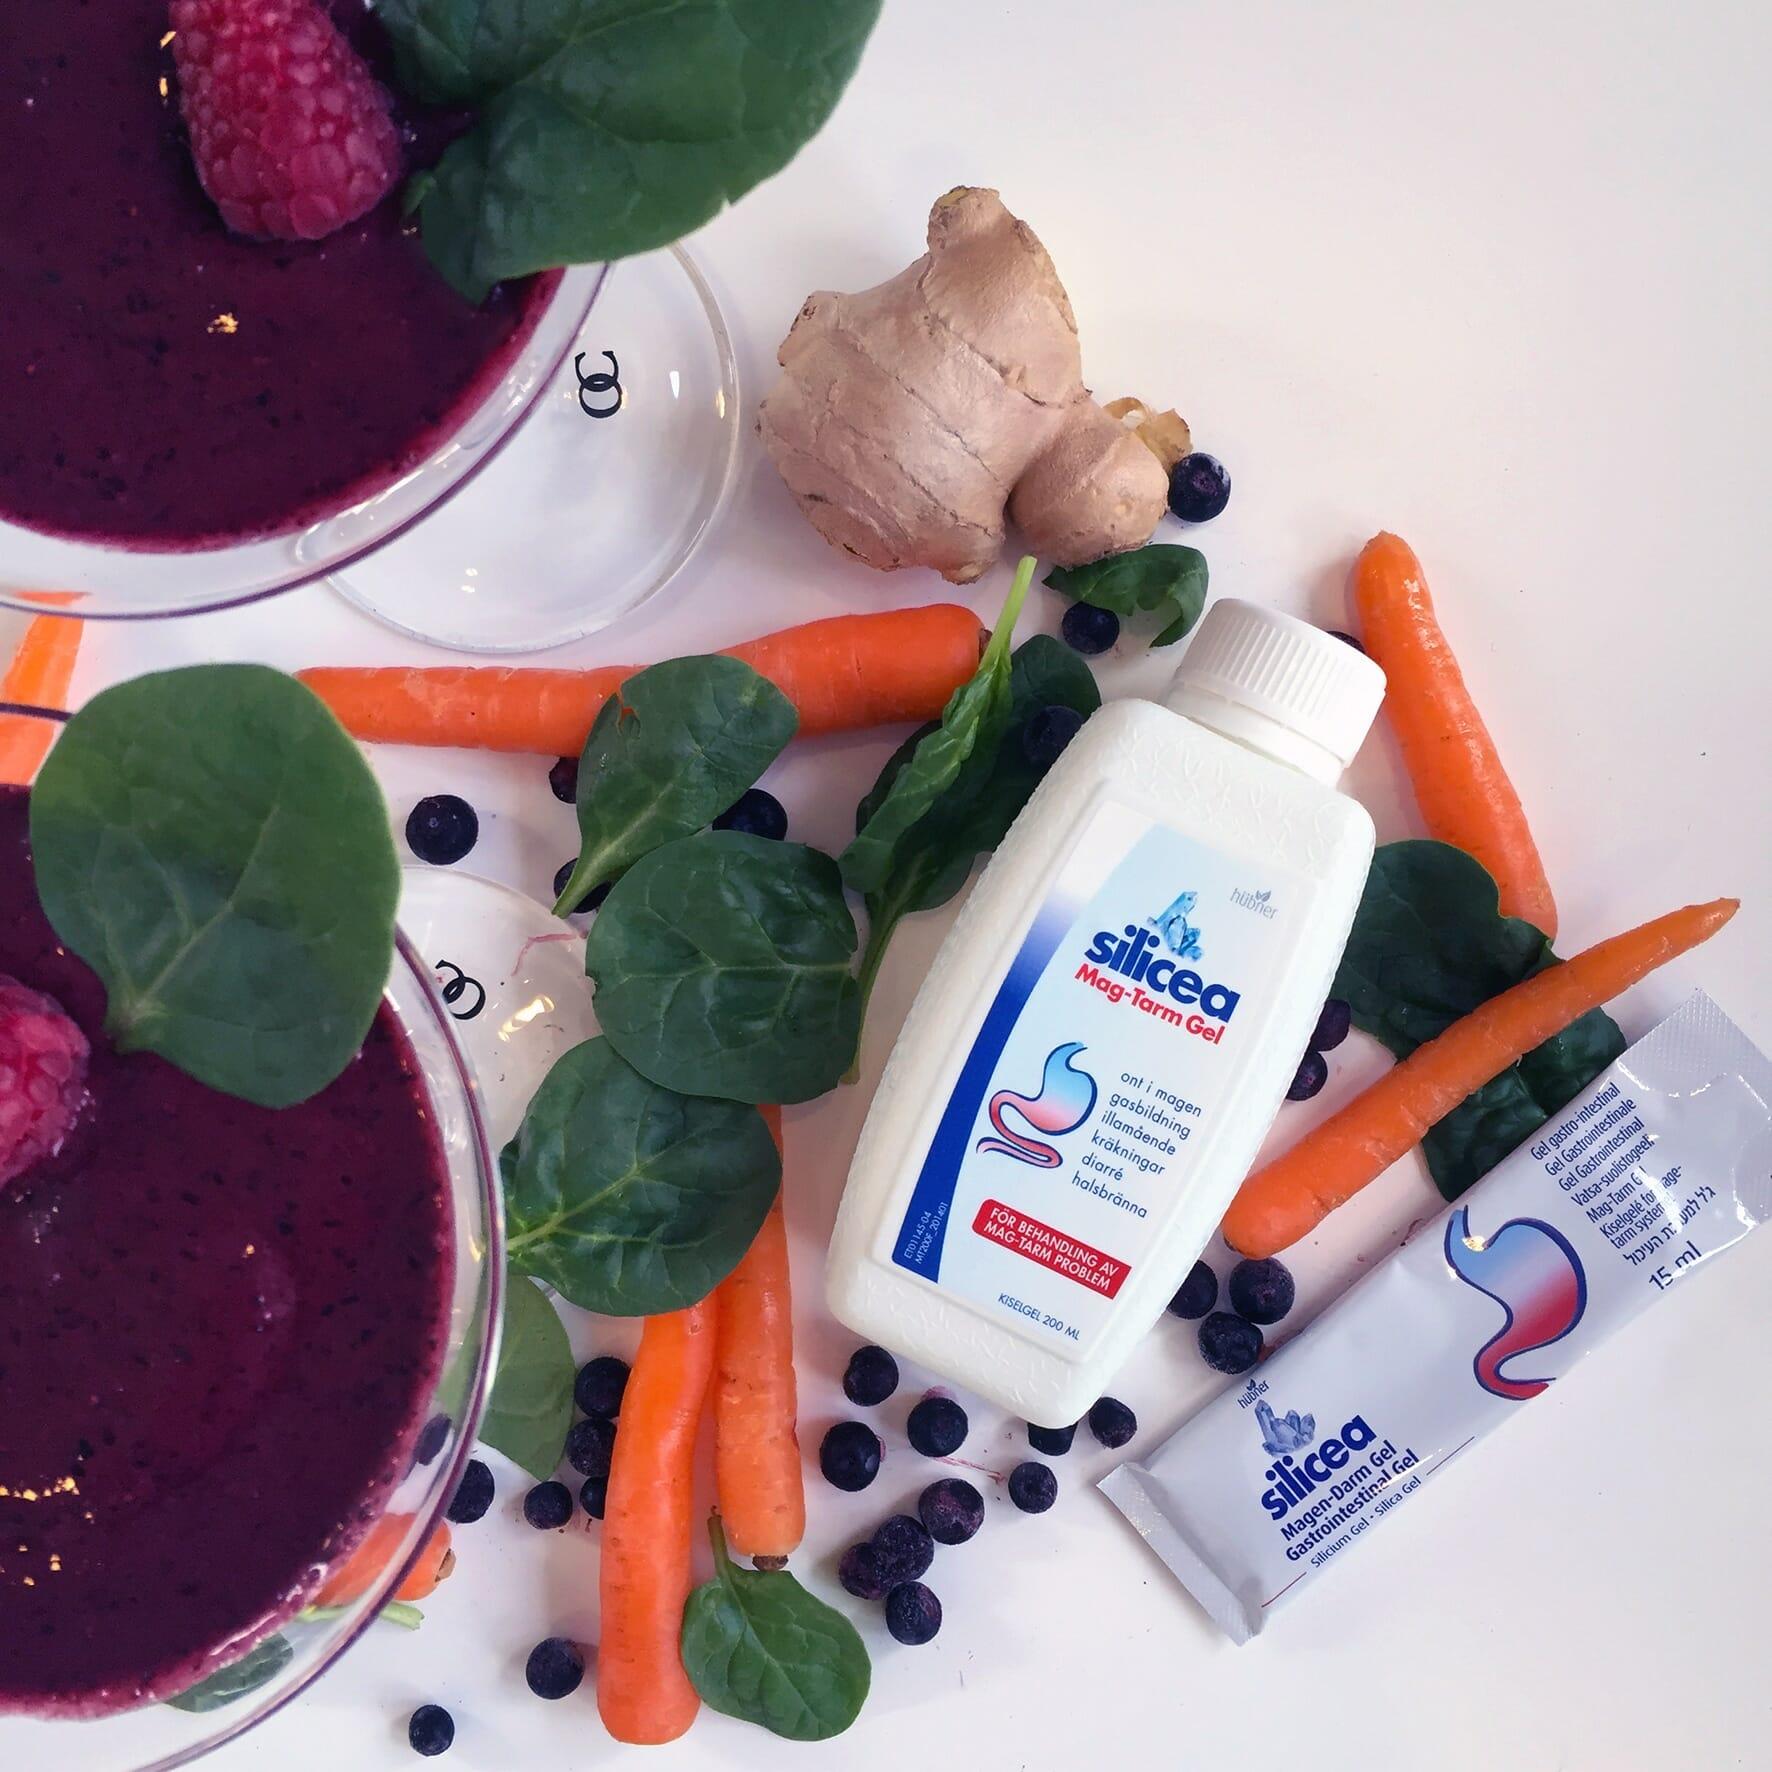 Mag-Smothie med Silicea Mag-Tarm, morot, ingefära, blåbär, bladspenat, banan och sojamjölk